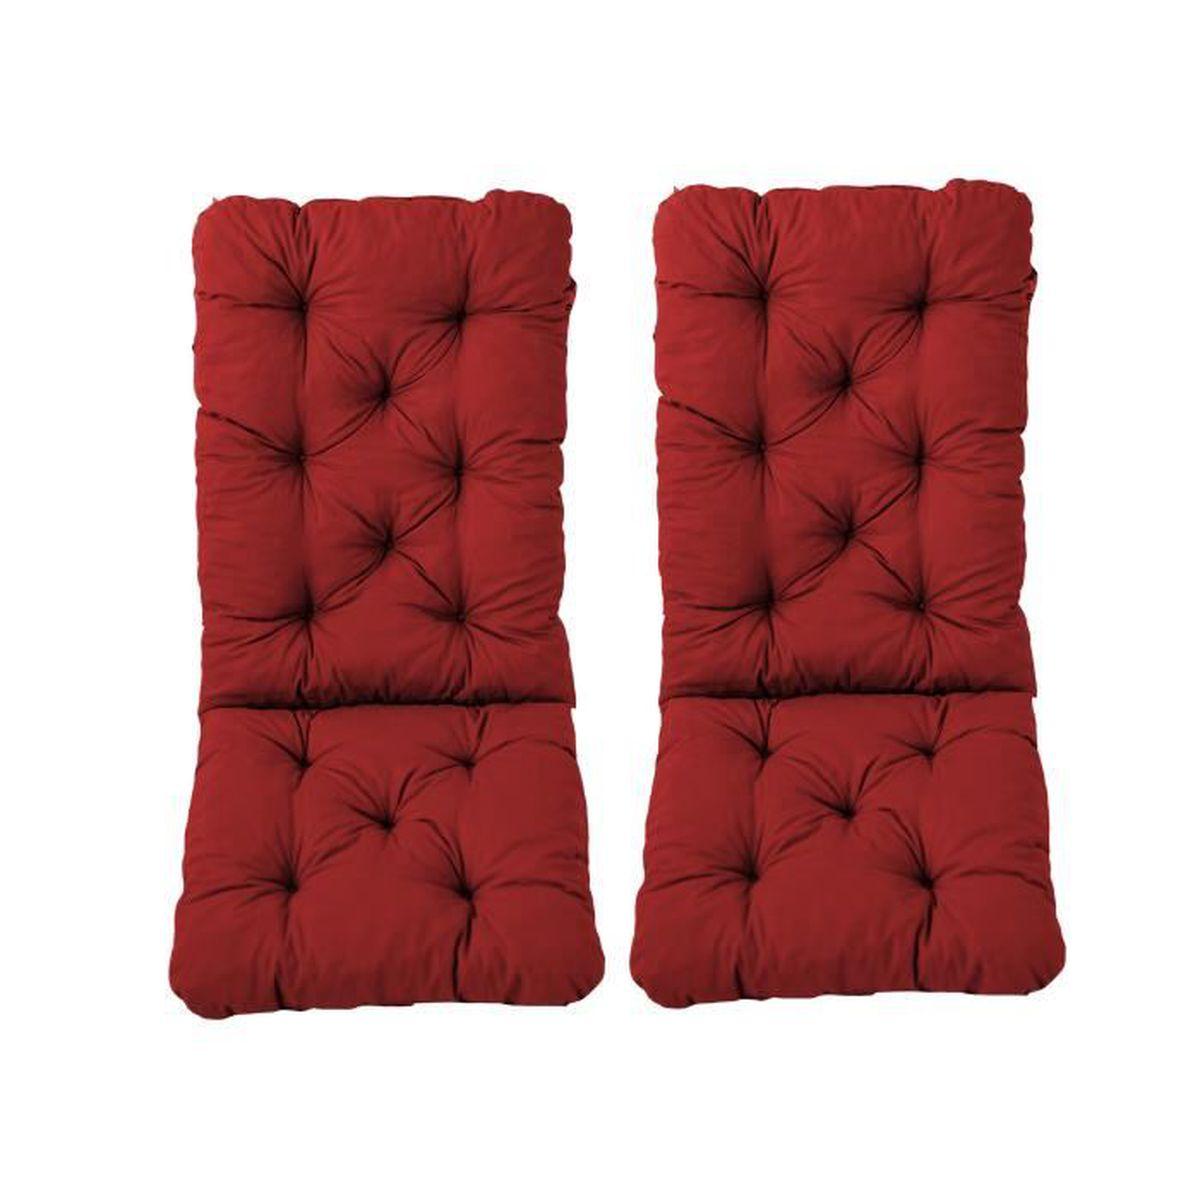 coussin avec dossier chaise haute jardin achat vente coussin avec dossier chaise haute. Black Bedroom Furniture Sets. Home Design Ideas